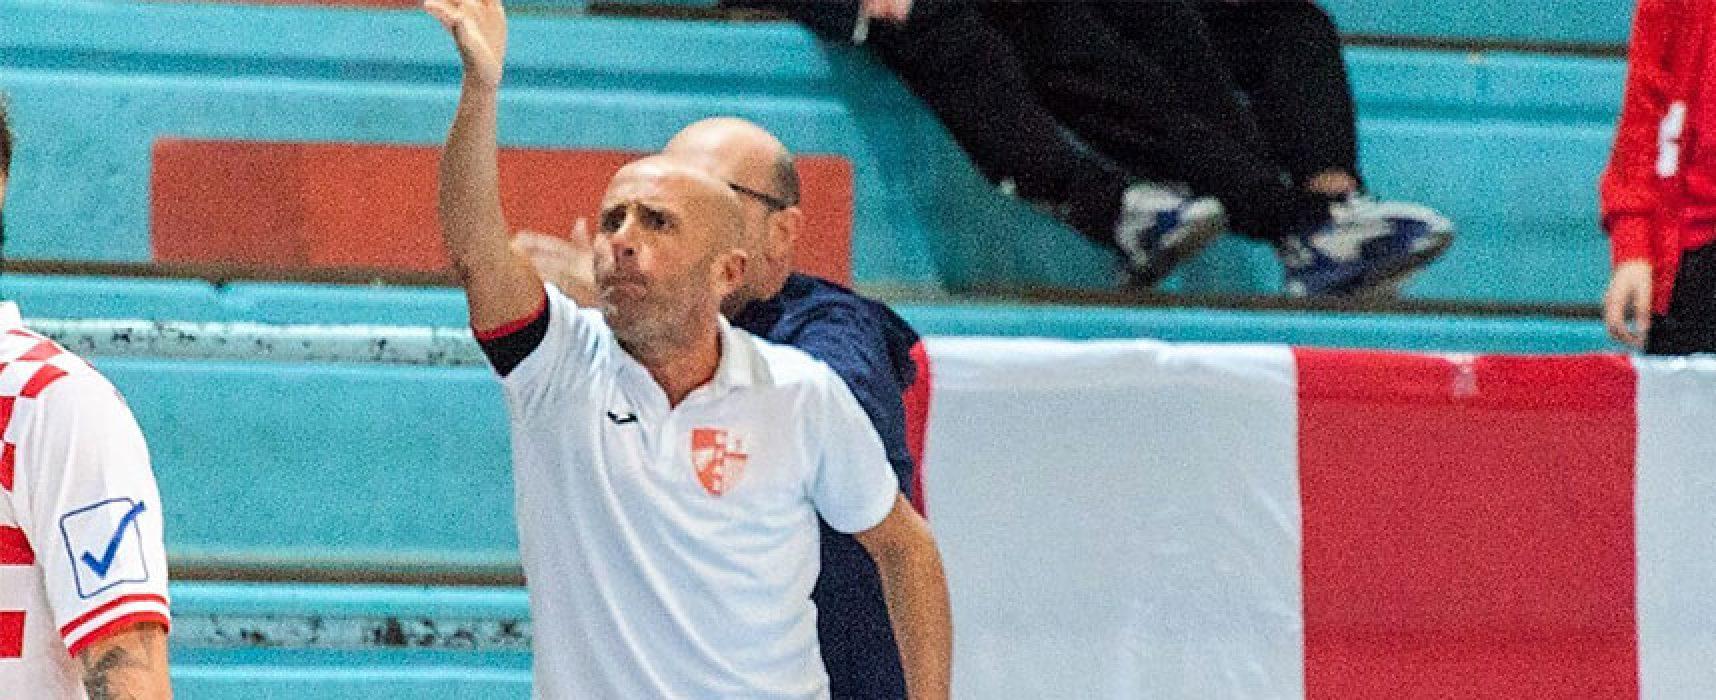 La Diaz punta ancora su Di Chiano per il terzo campionato di Serie B